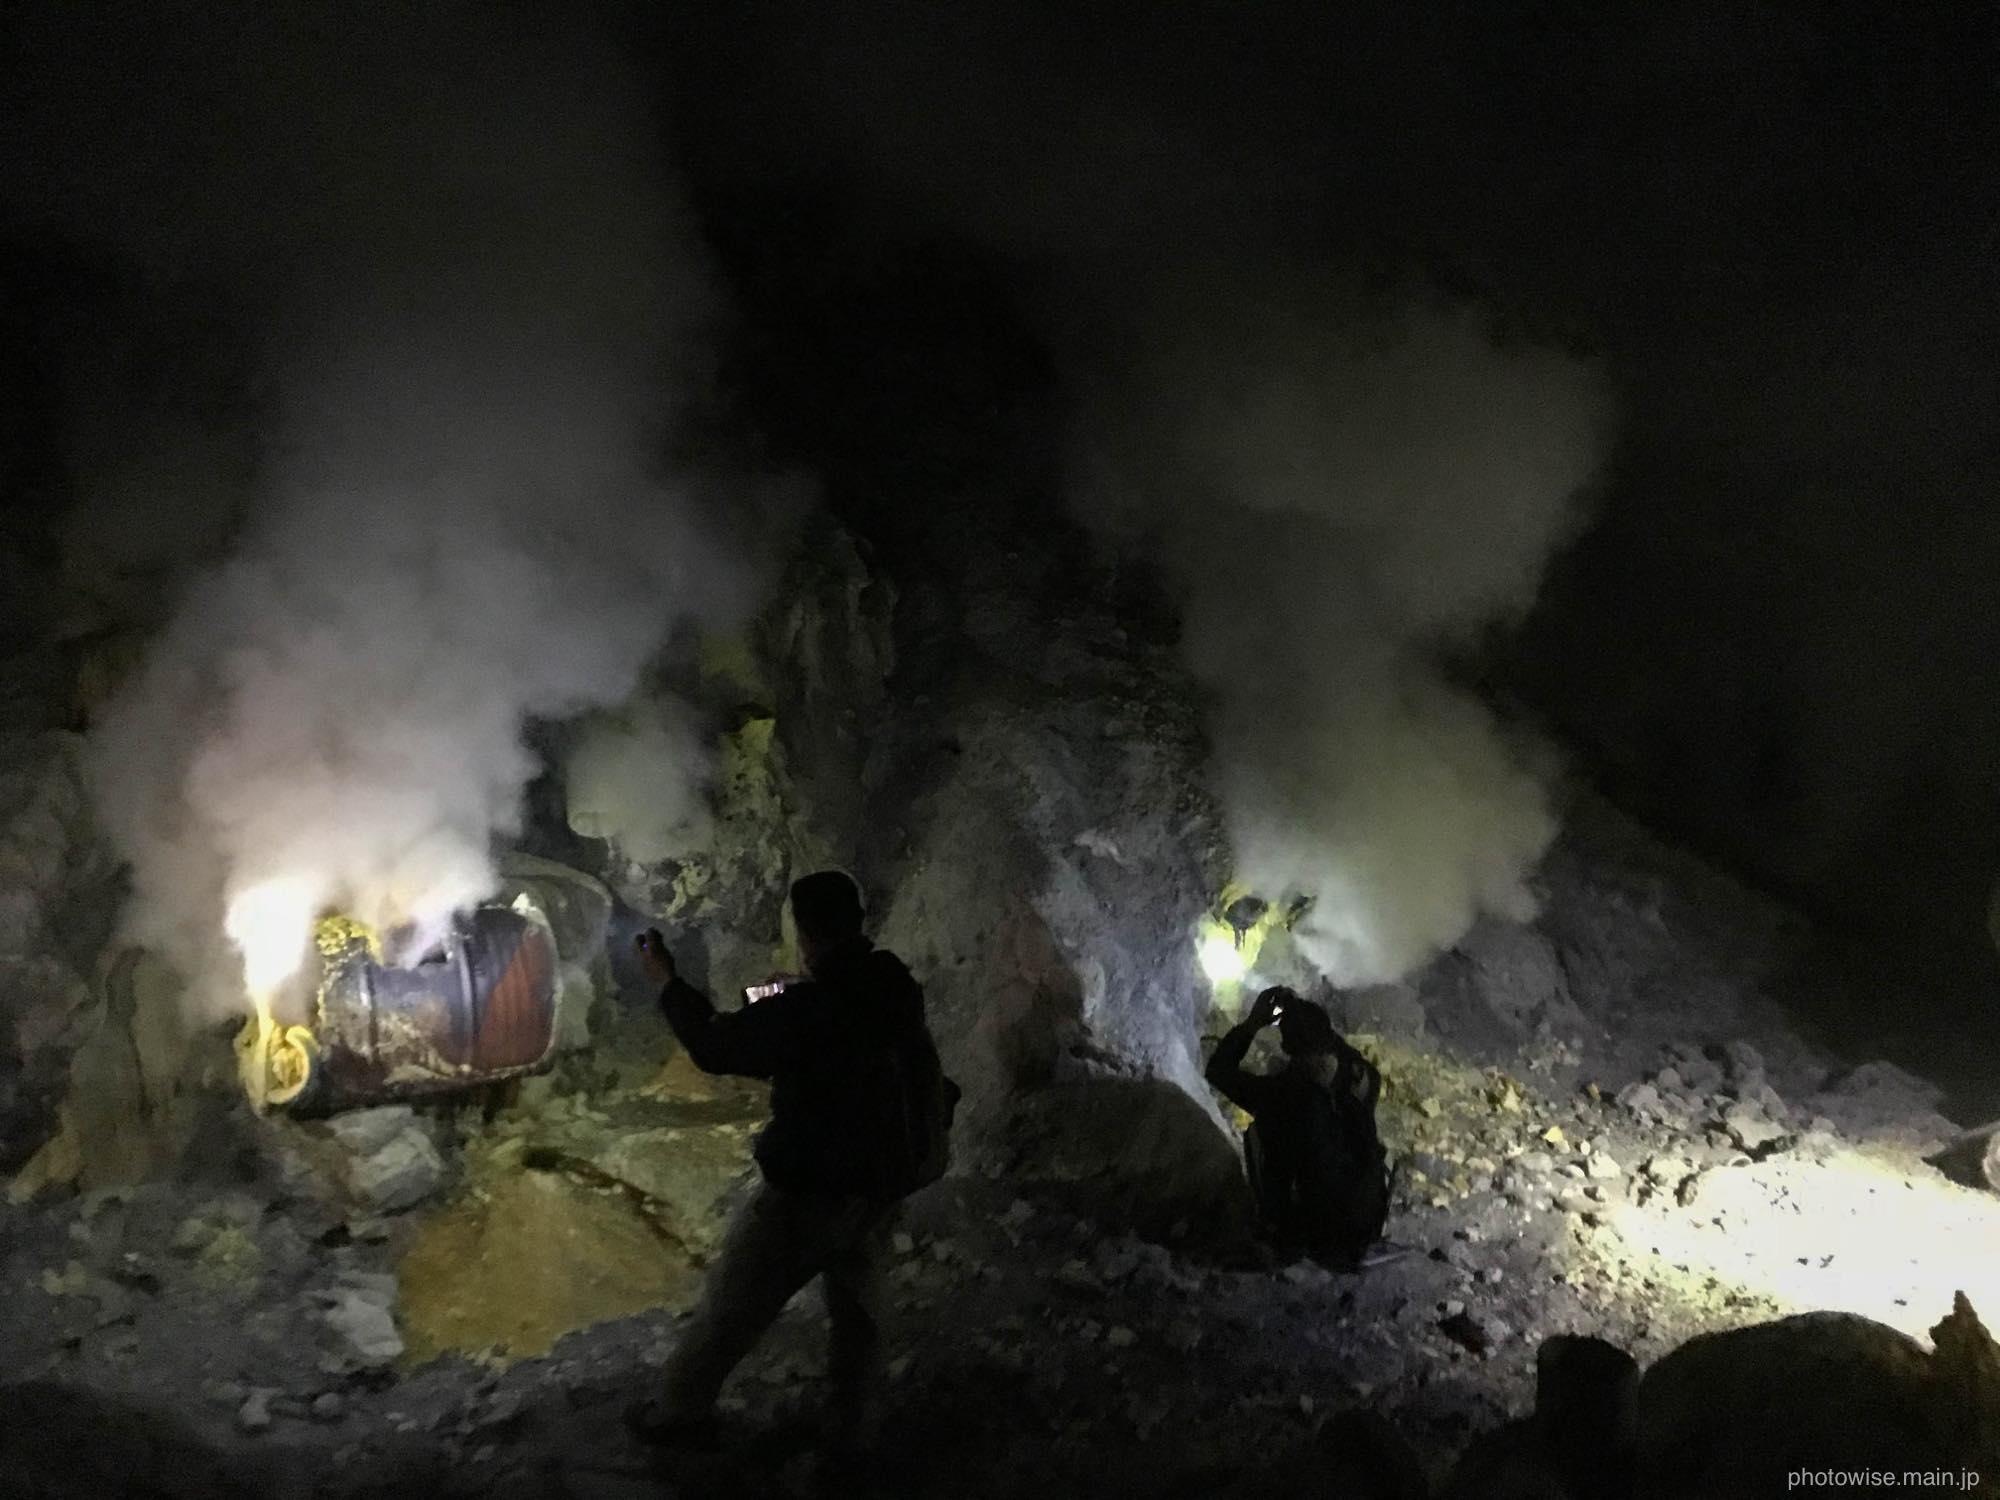 硫黄発掘現場2